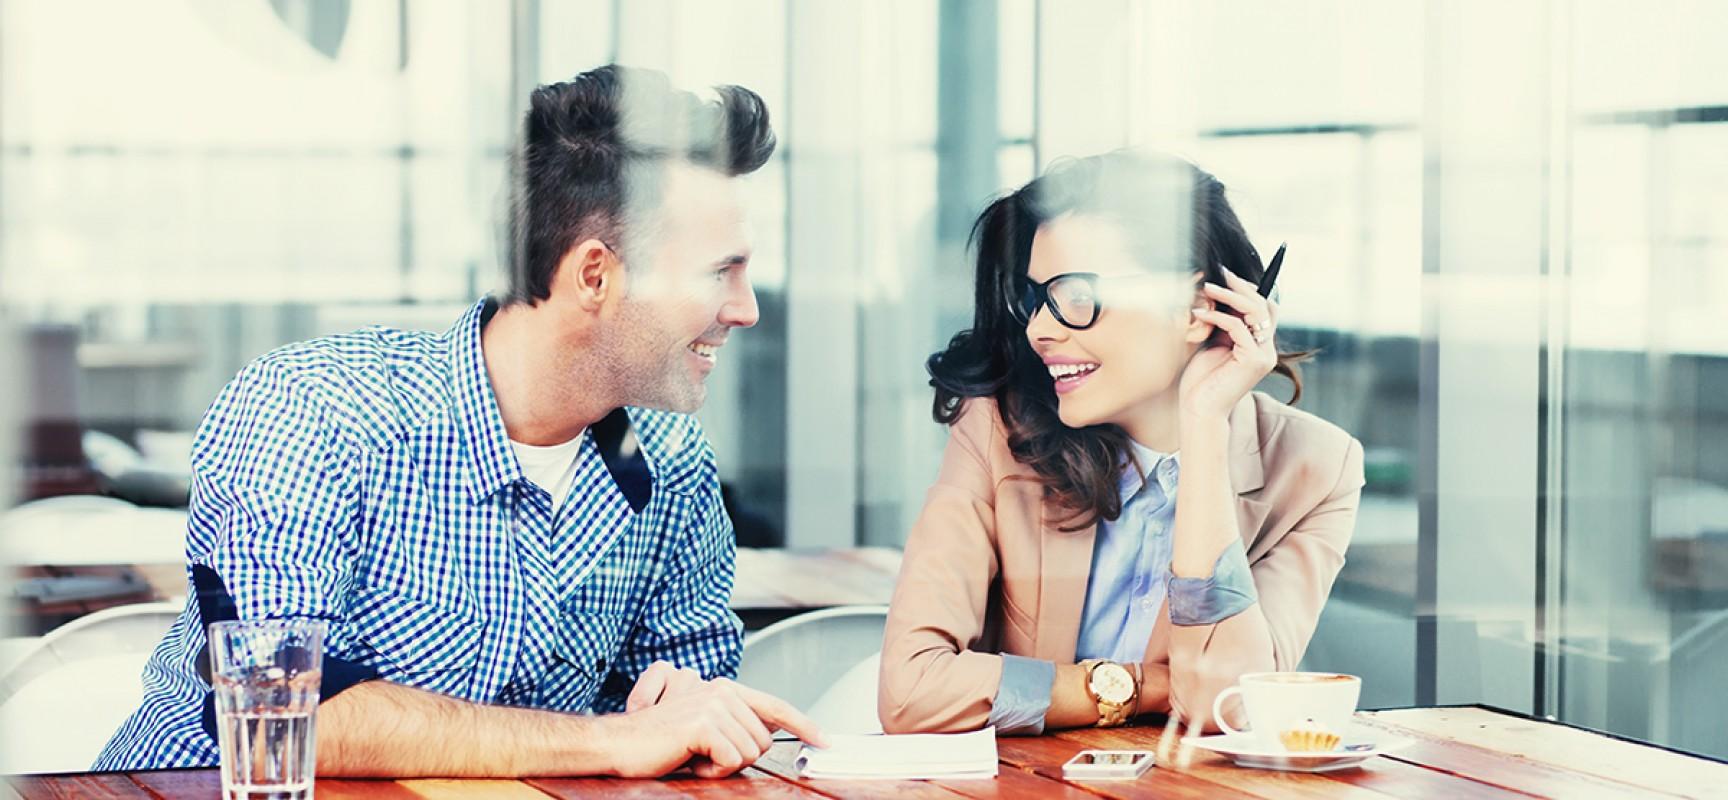 Avalie os prós e contras do namoro no trabalho